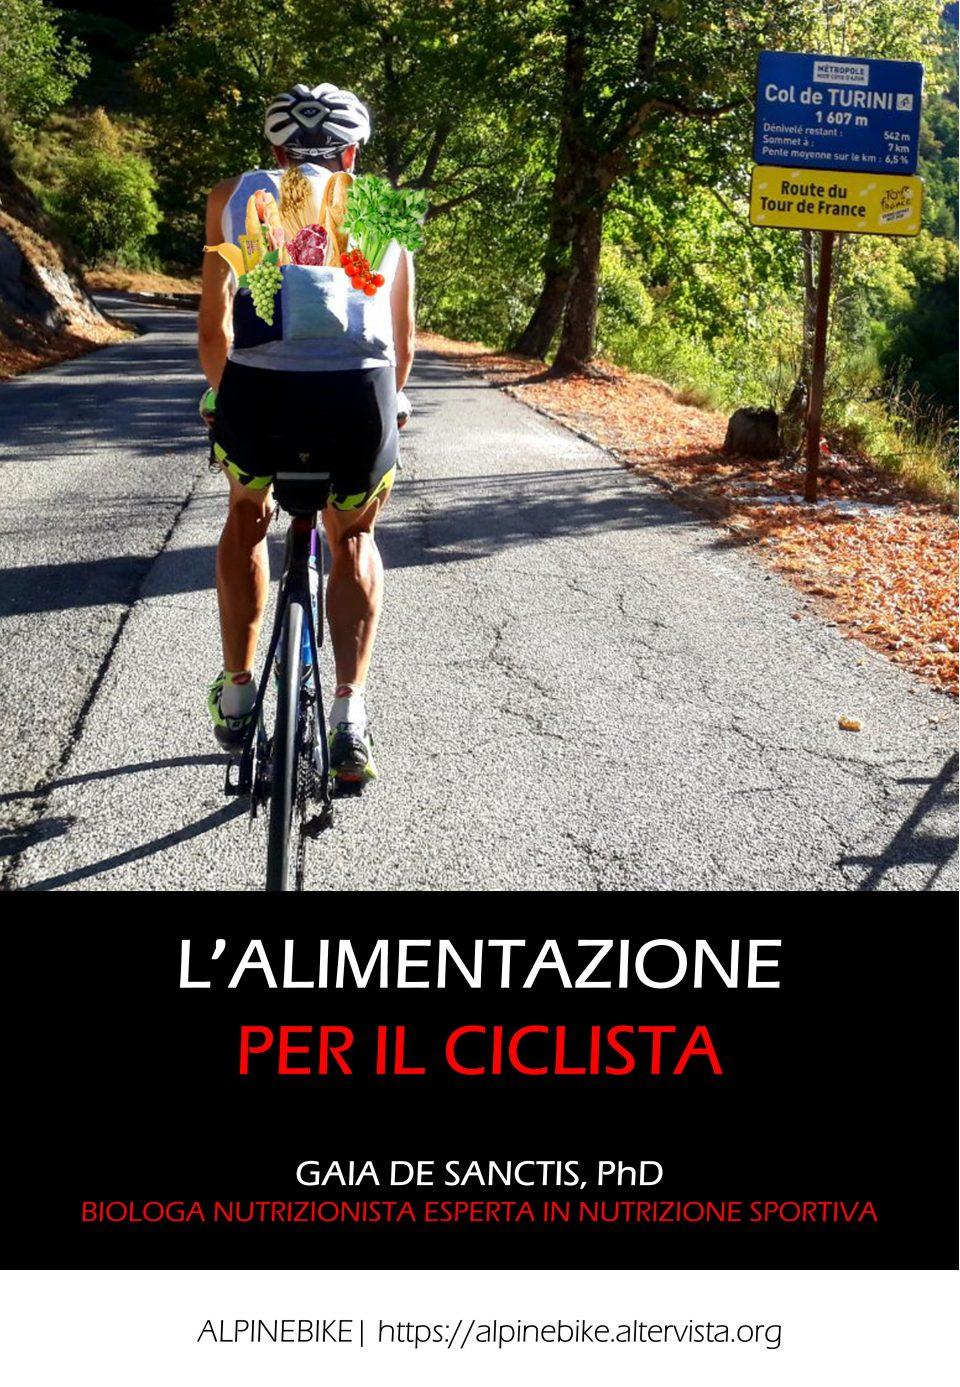 L'alimentazione per il ciclista – Ebook e versione cartacea disponibili su Amazon